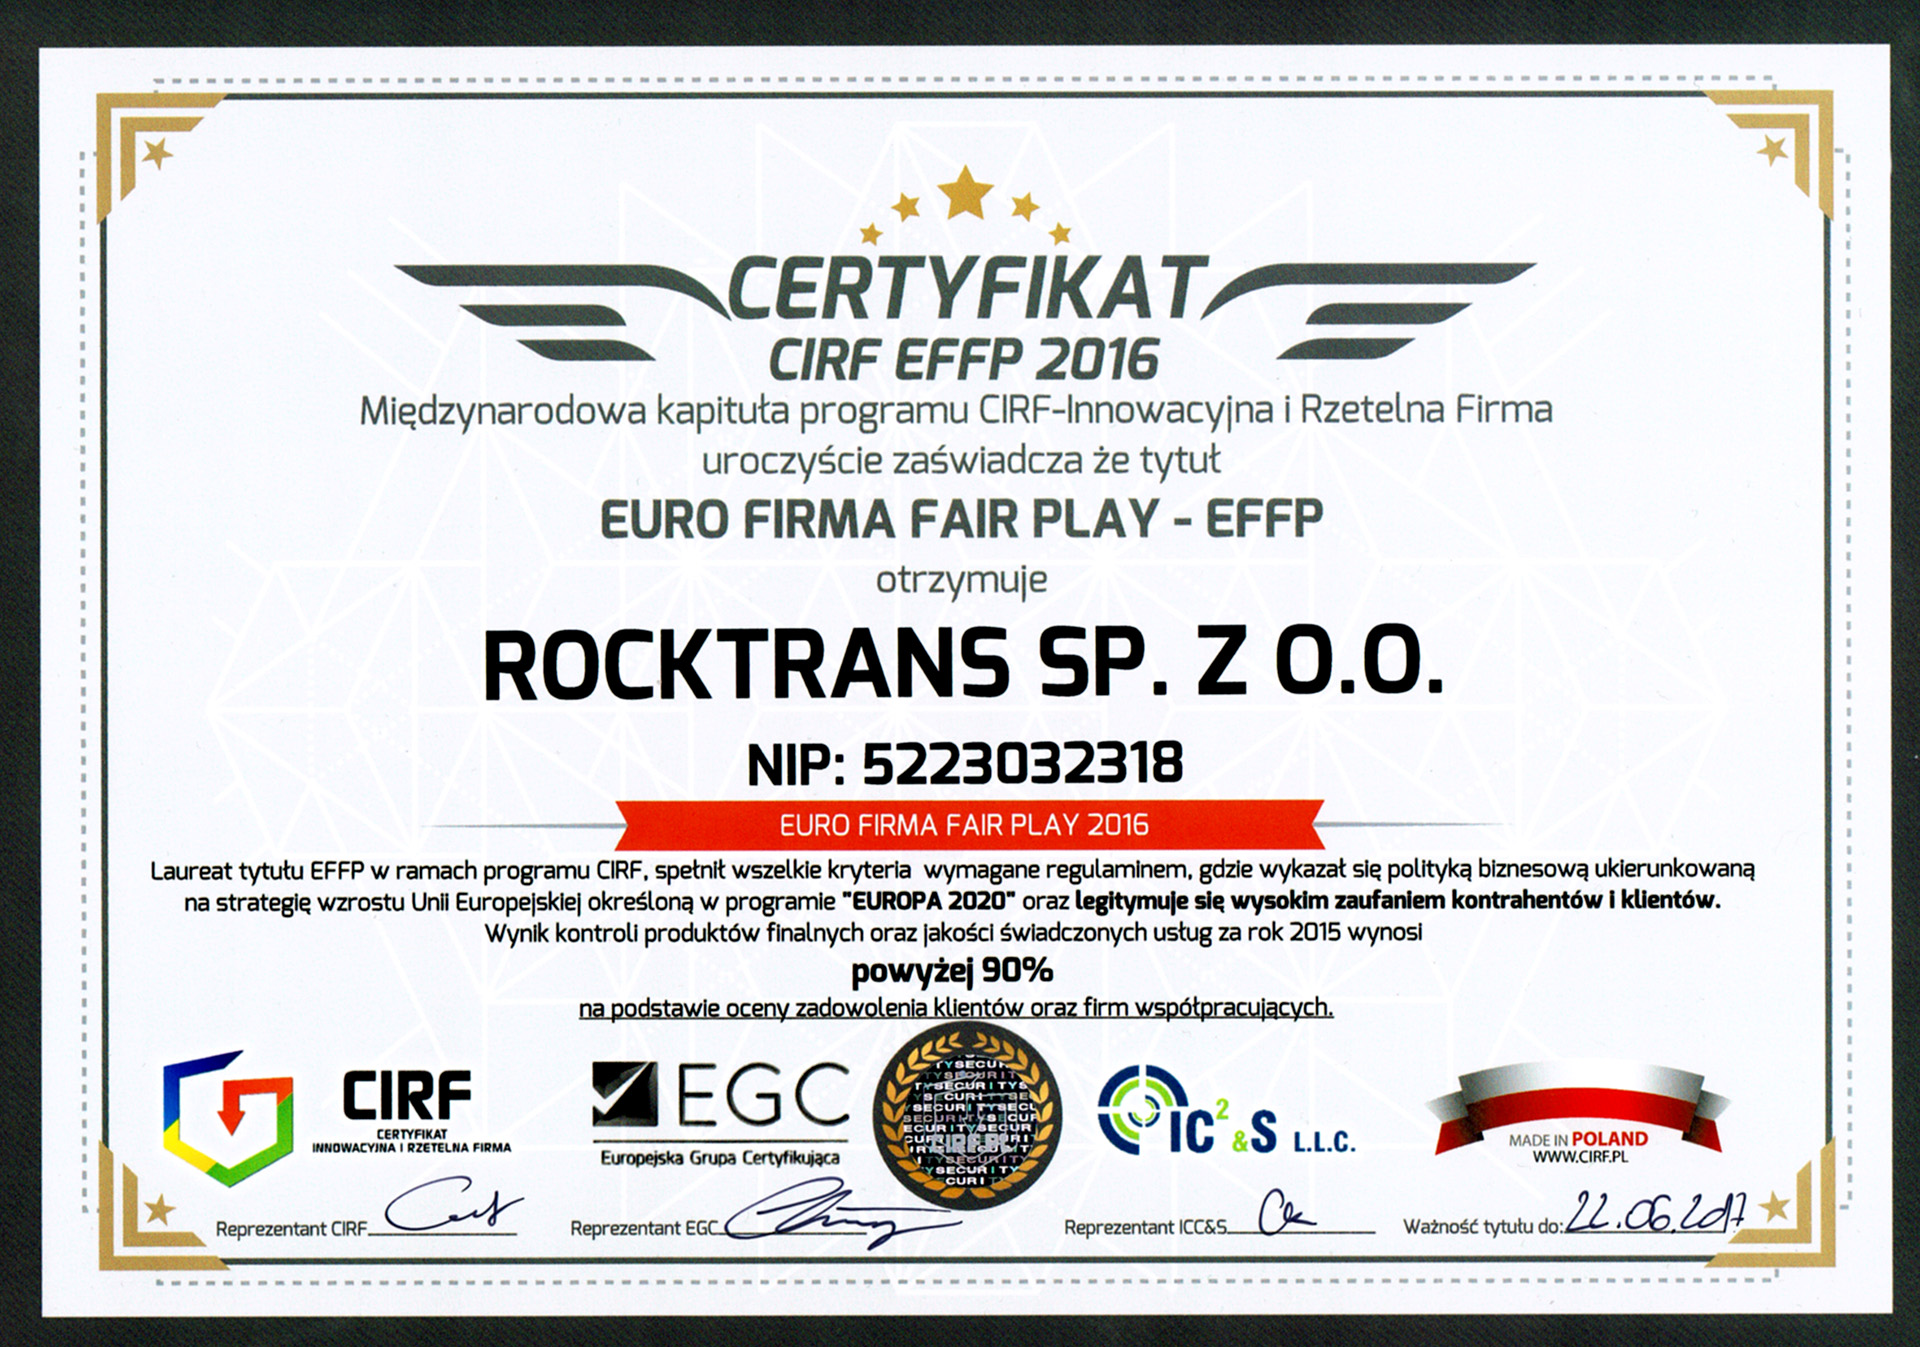 Certyfikat CIRF EFFP 2016